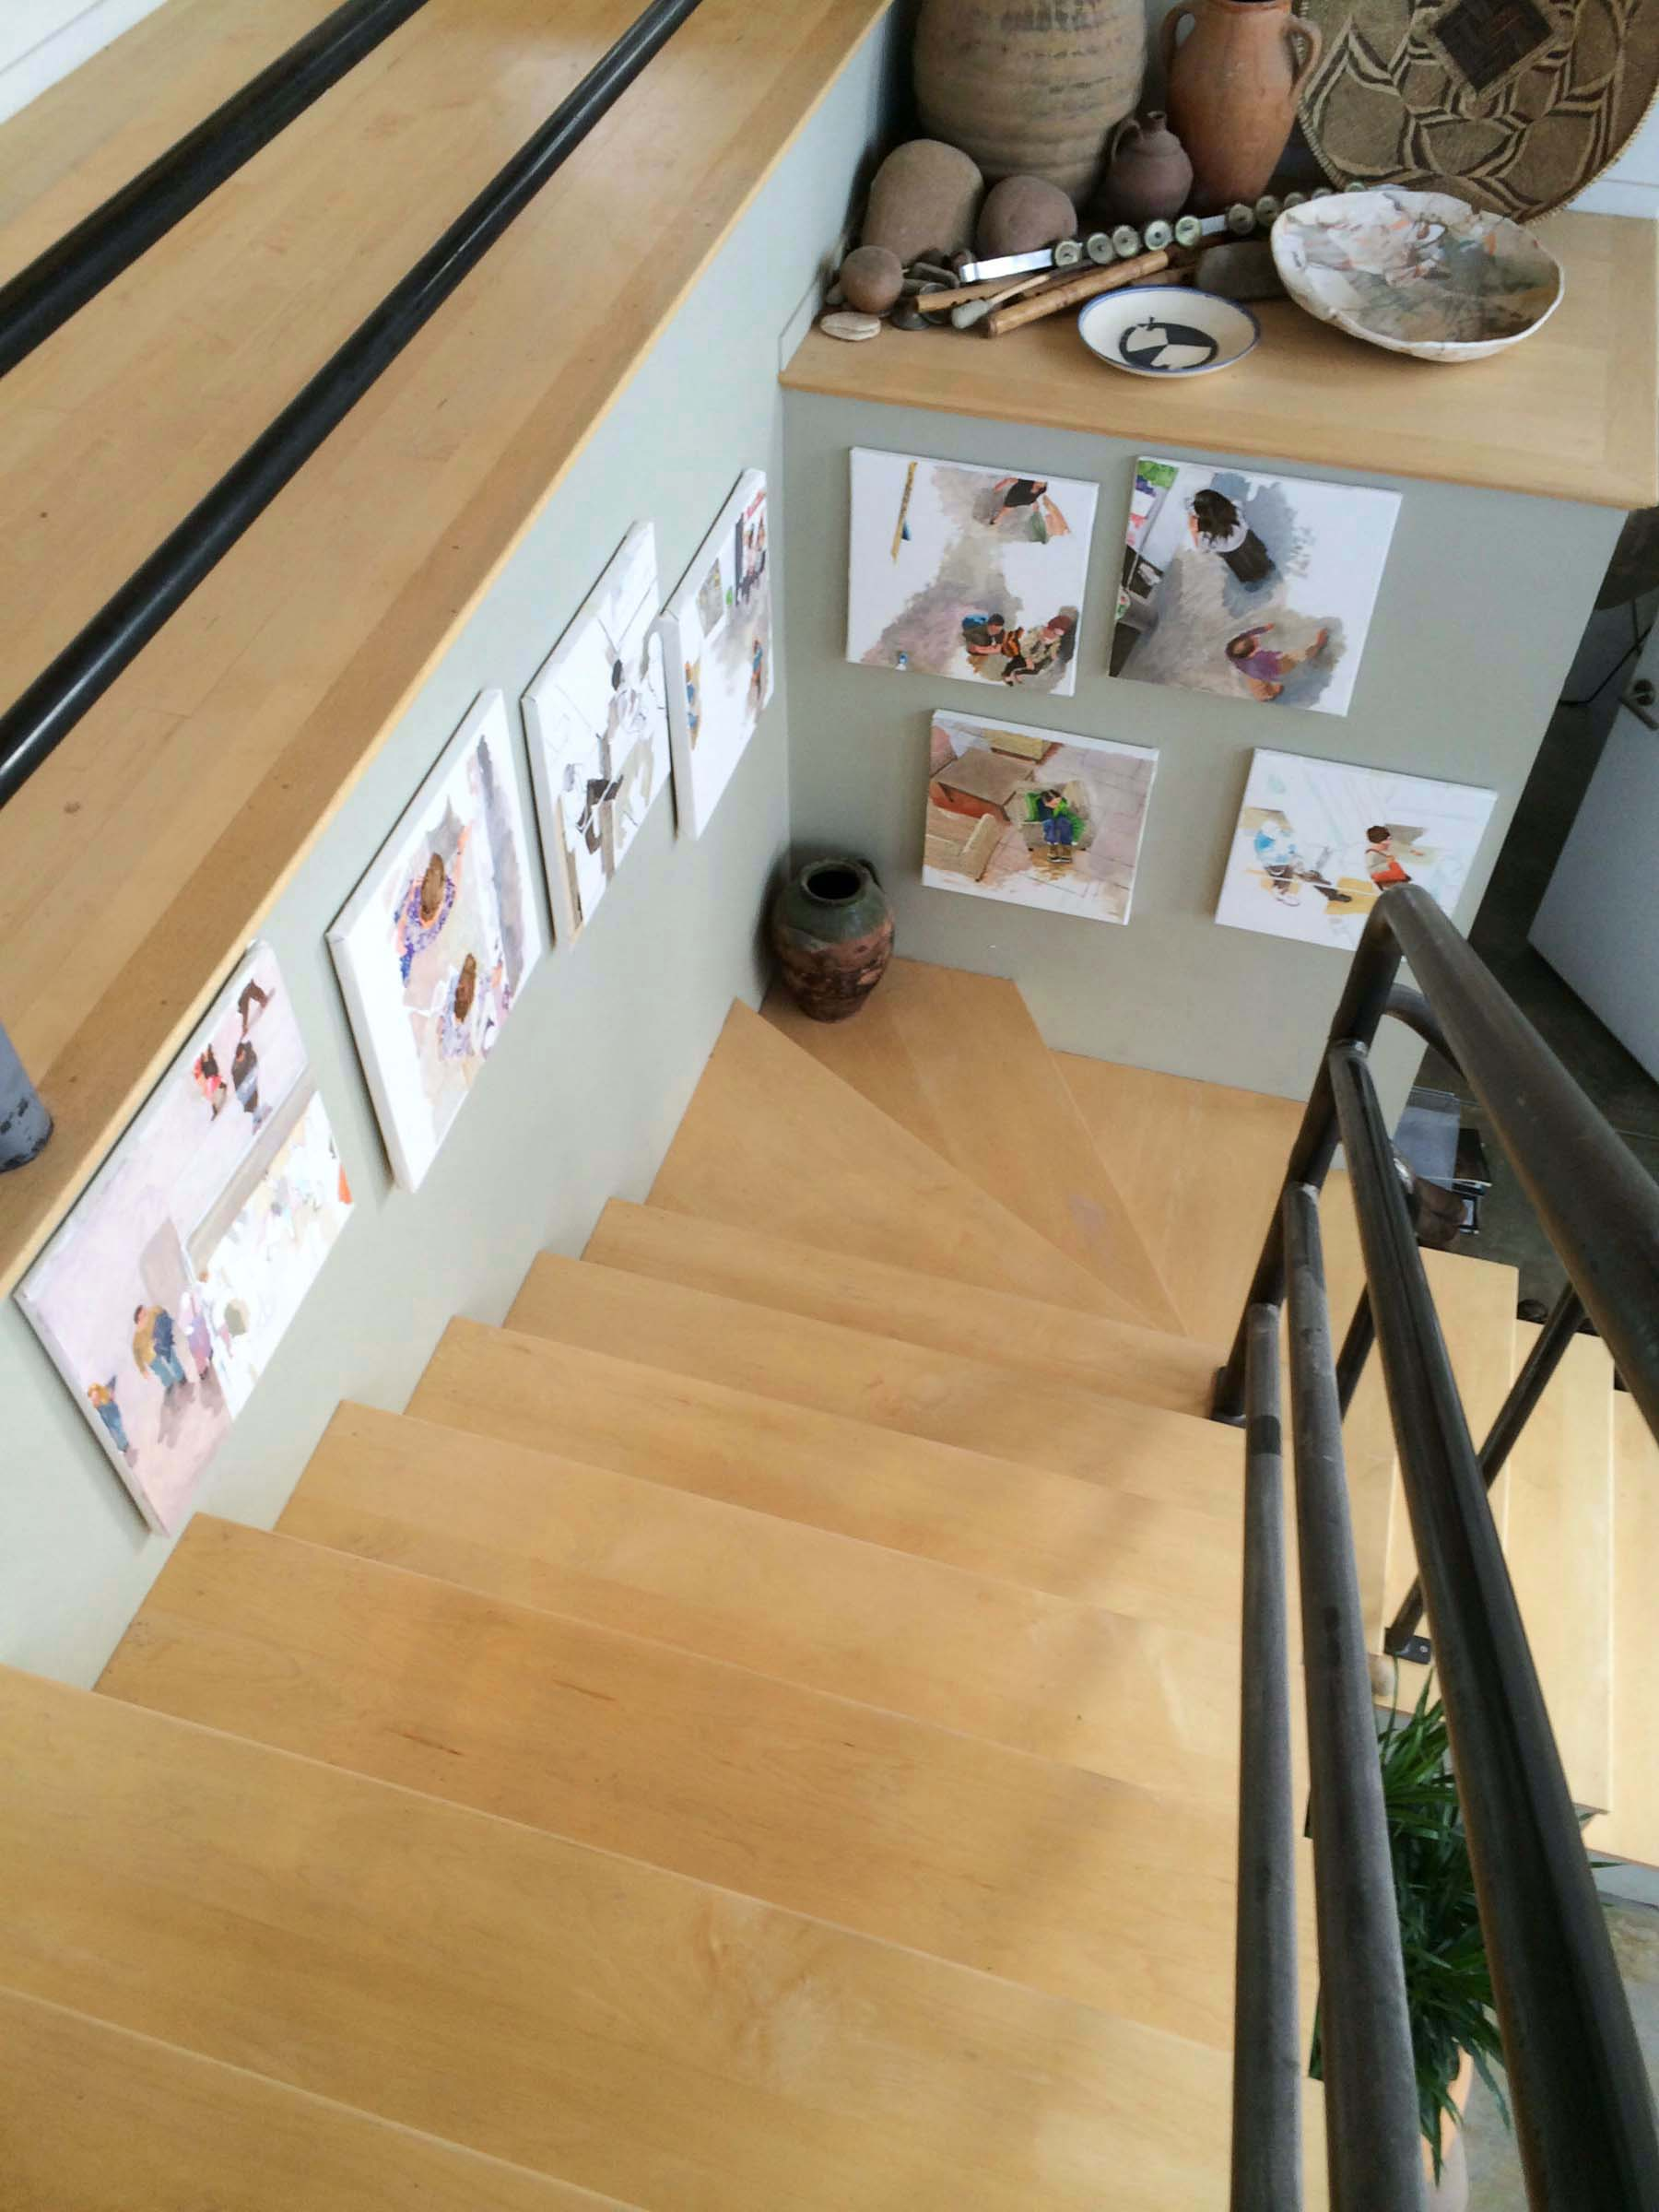 site-11-20-14 paintings on stairs 1.jpg